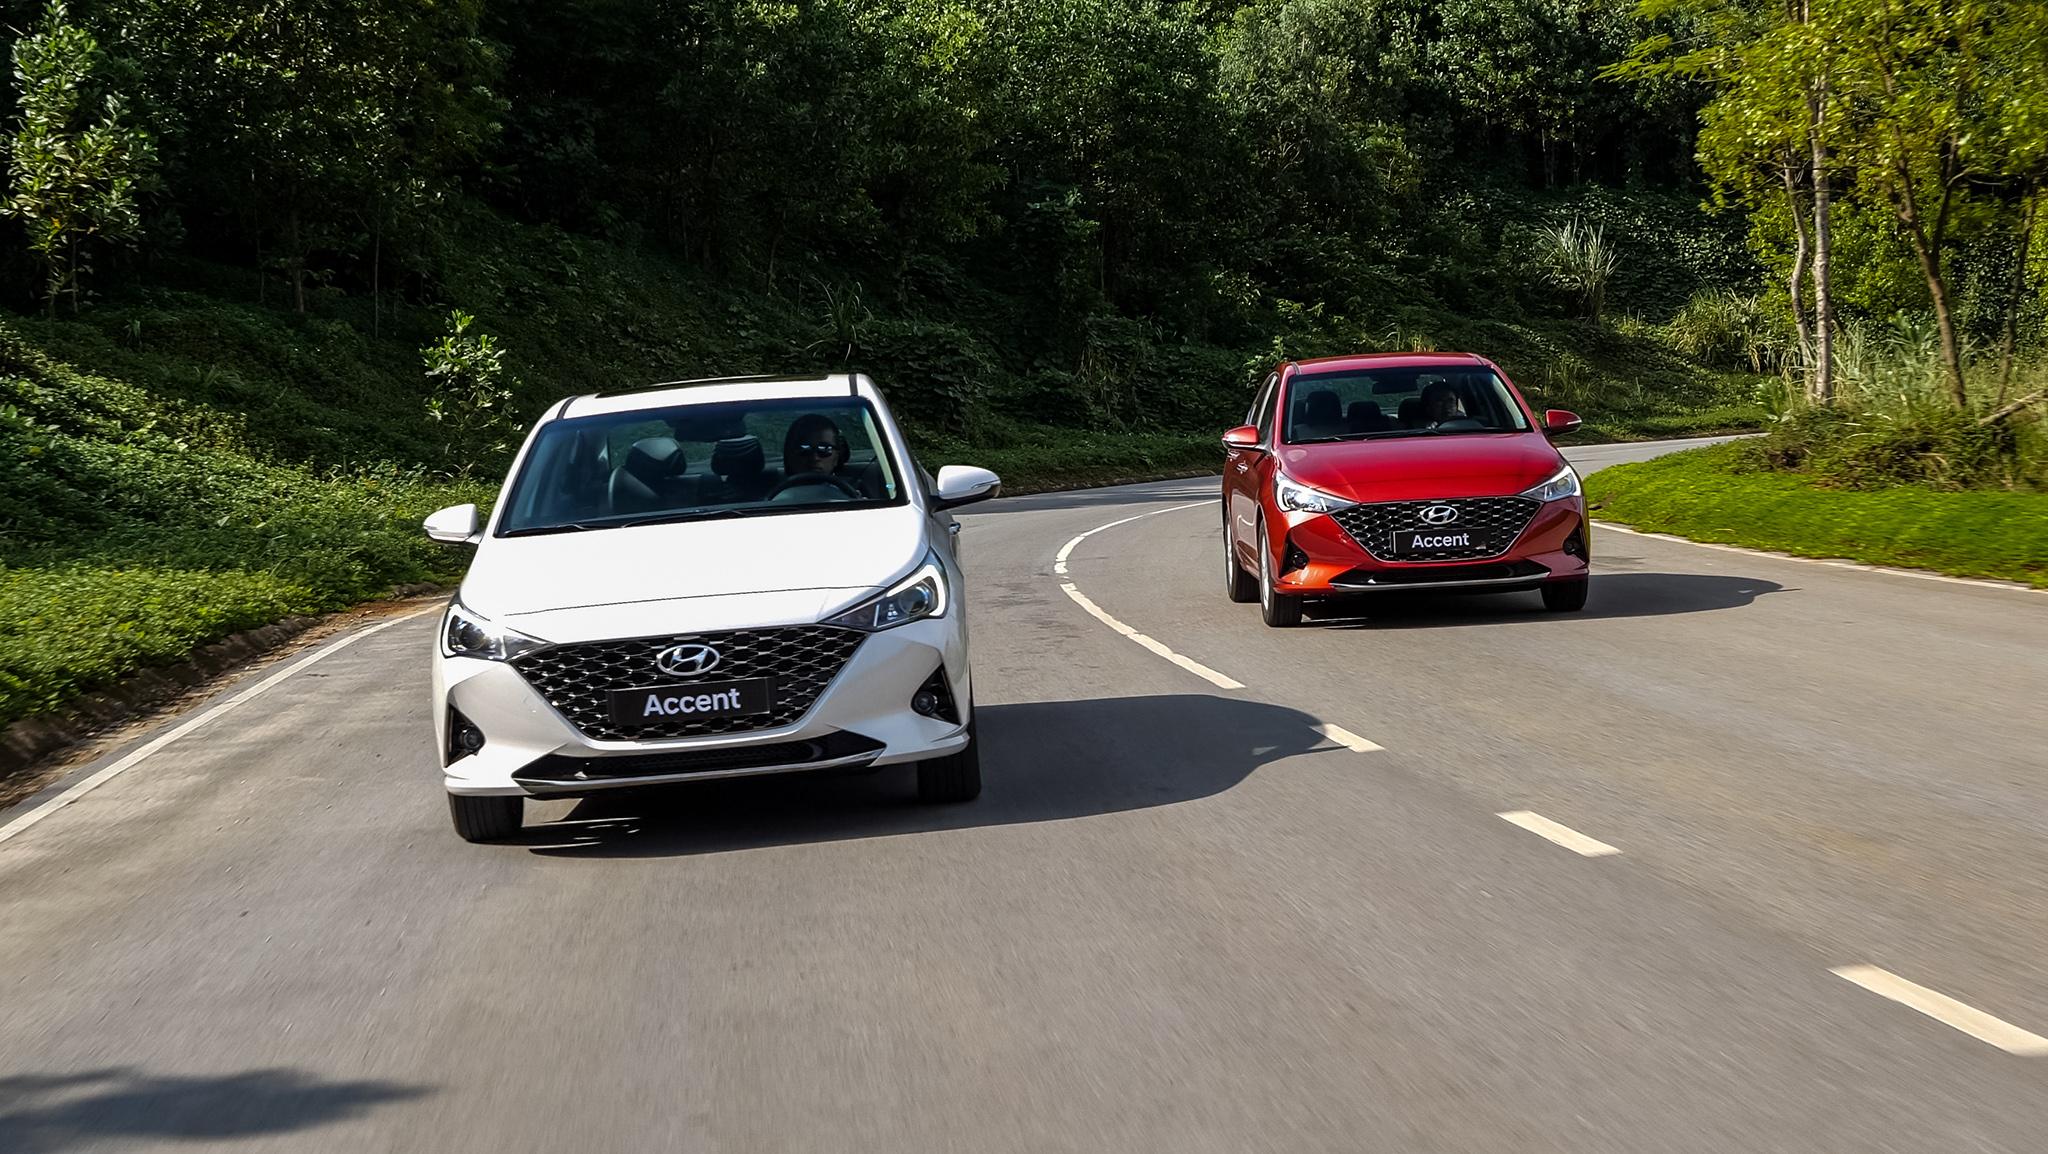 Top 10 xe bán chạy nhất tháng 12/2020 Hyundai Accent đạt doanh số hơn 3.200 xe bán ra trong tháng 12/2020 hyundai-accent-5.jpg